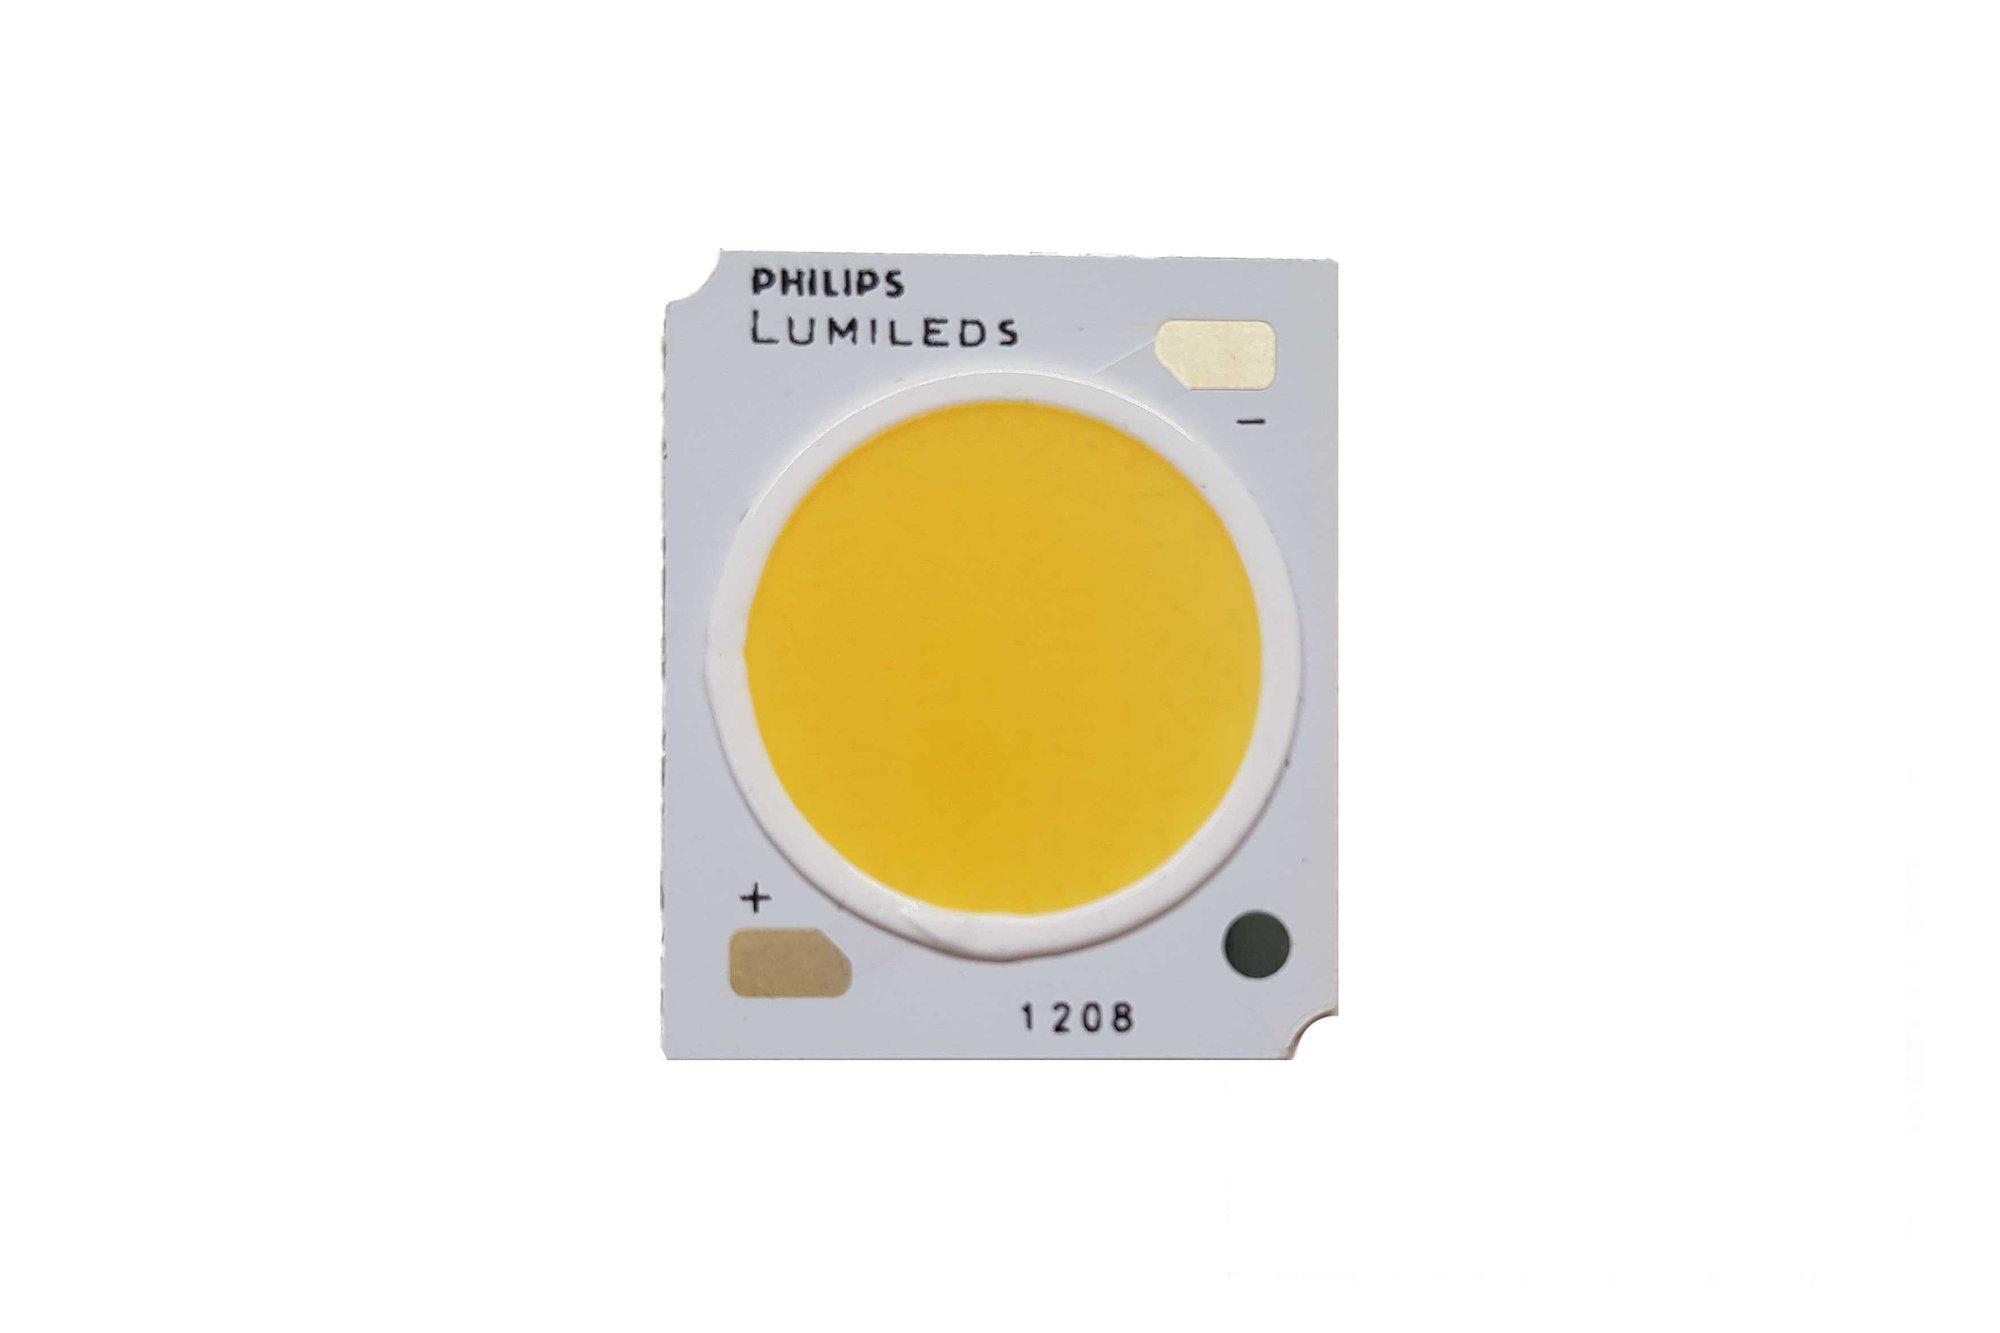 Philips LUMILEDS CoB High Power LED Emitter Neutral White 4000K LHC1-4080-1208